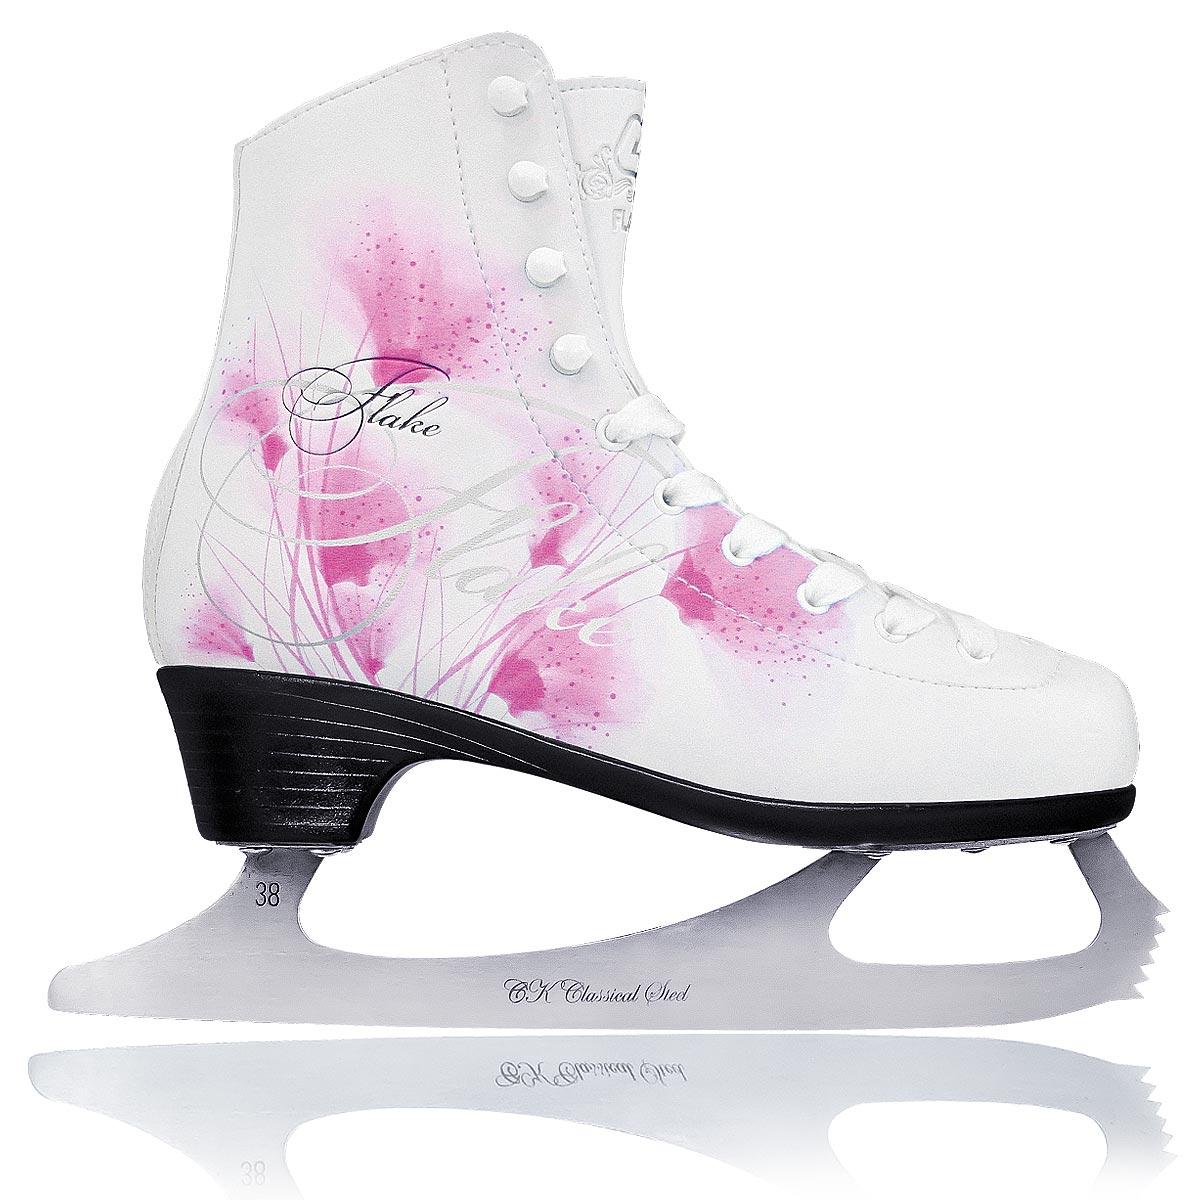 Коньки фигурные для девочки CK Flake Leather, цвет: белый, фуксия. Размер 32FLAKE leather_белый, фуксия_32Фигурные коньки от CK Flake Leather идеально подойдут для любительского катания. Модель выполнена из современной морозоустойчивой искусственной кожи с высокой, плотной колодкой и усиленным задником, обеспечивающим боковую поддержку ноги. Внутренняя поверхность из натуральной кожи обеспечивает удобство во время движения. Анатомический язычок из войлока и искусственной кожи идеально облегает стопу и повышает комфорт. Стелька из упругого пенного полимерного материала EVA предназначена для быстрой адаптации ботинка к индивидуальным формам ноги и ее комфортного положения. Ботинок полностью обволакивает ногу, обеспечивает прочную и удобную фиксацию ноги, а также повышенную защиту от ударов. Модель фиксируется на ноге классической шнуровкой. Лезвие выполнено из нержавеющей стали, оно обладает высокой твердостью и долго держит заточку. Модель имеет запатентованную форму лезвия. Уменьшенная передняя пластина и расположение точек опоры стоек оптимально располагают переднюю точку баланса и позволяют улучшить контроль при опоре на переднюю часть конька. Новая запатентованная подошва Graceful обладает элегантным дизайном, повышенной твердостью и пониженным весом. Более высокий каблук делает ногу более изящной и стройной, а также повышает управляемость и маневренность конька.